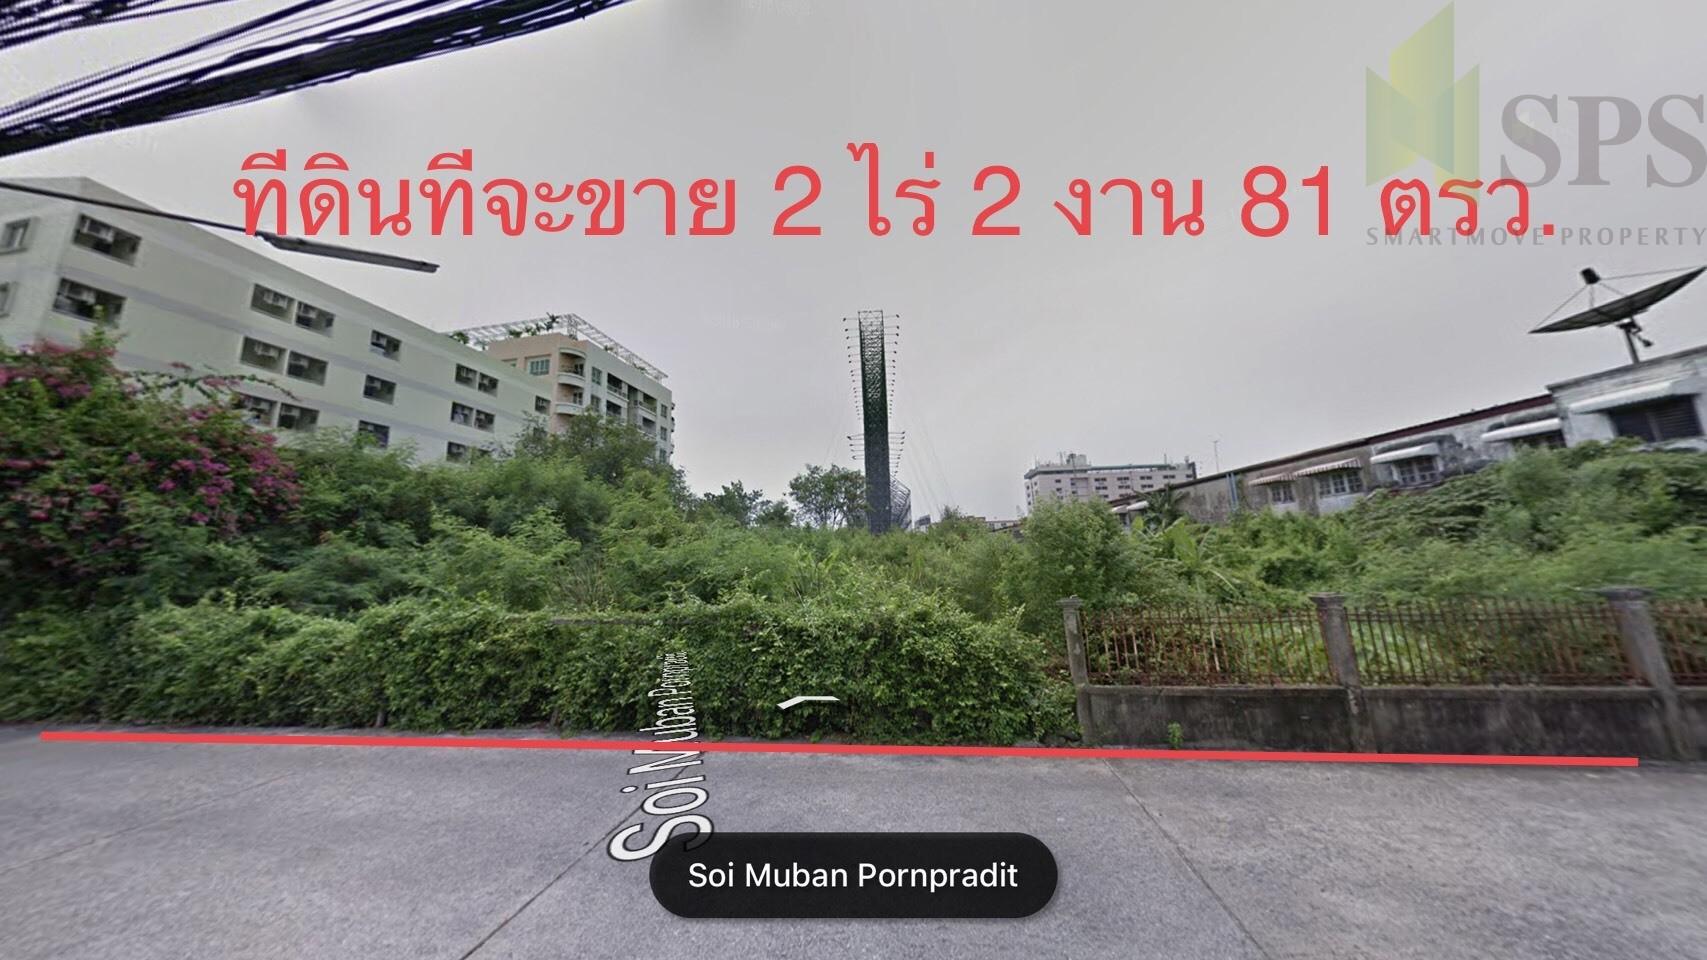 FOR SALE Land in Sukhumvit 50. ขายที่ดินสุขุมวิท 50 (SPSCS062)